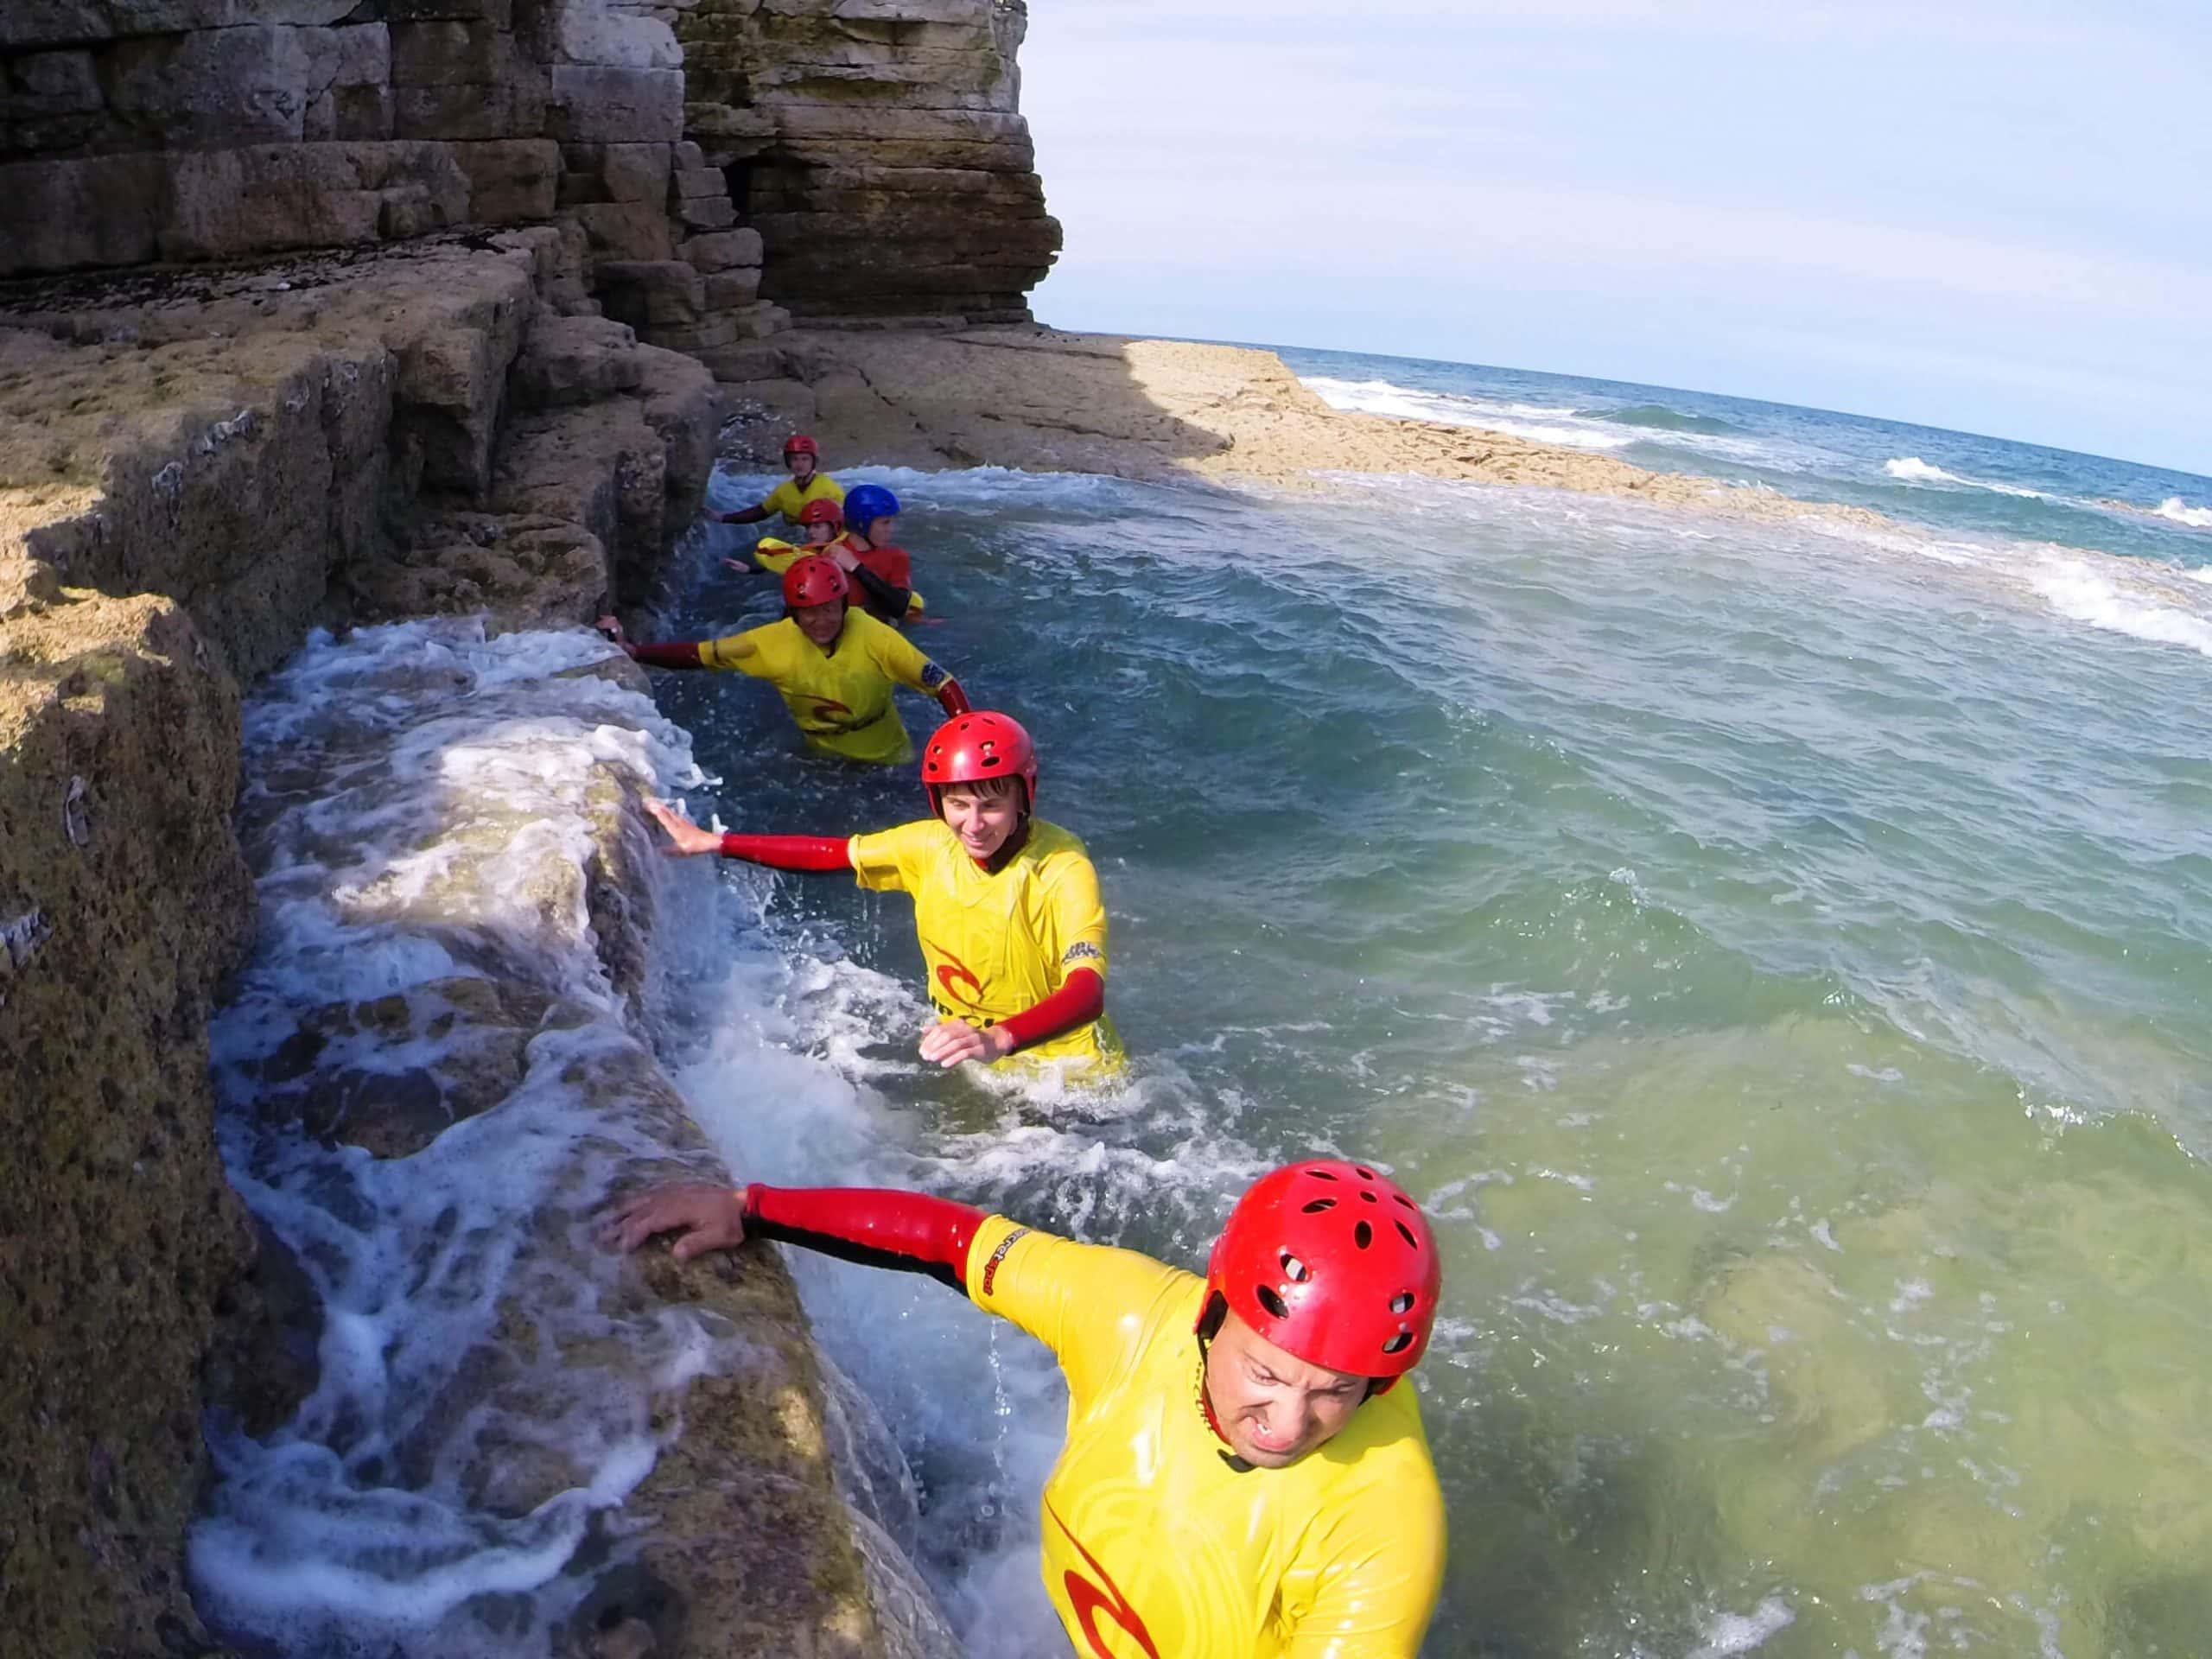 coasteering adventure guide training